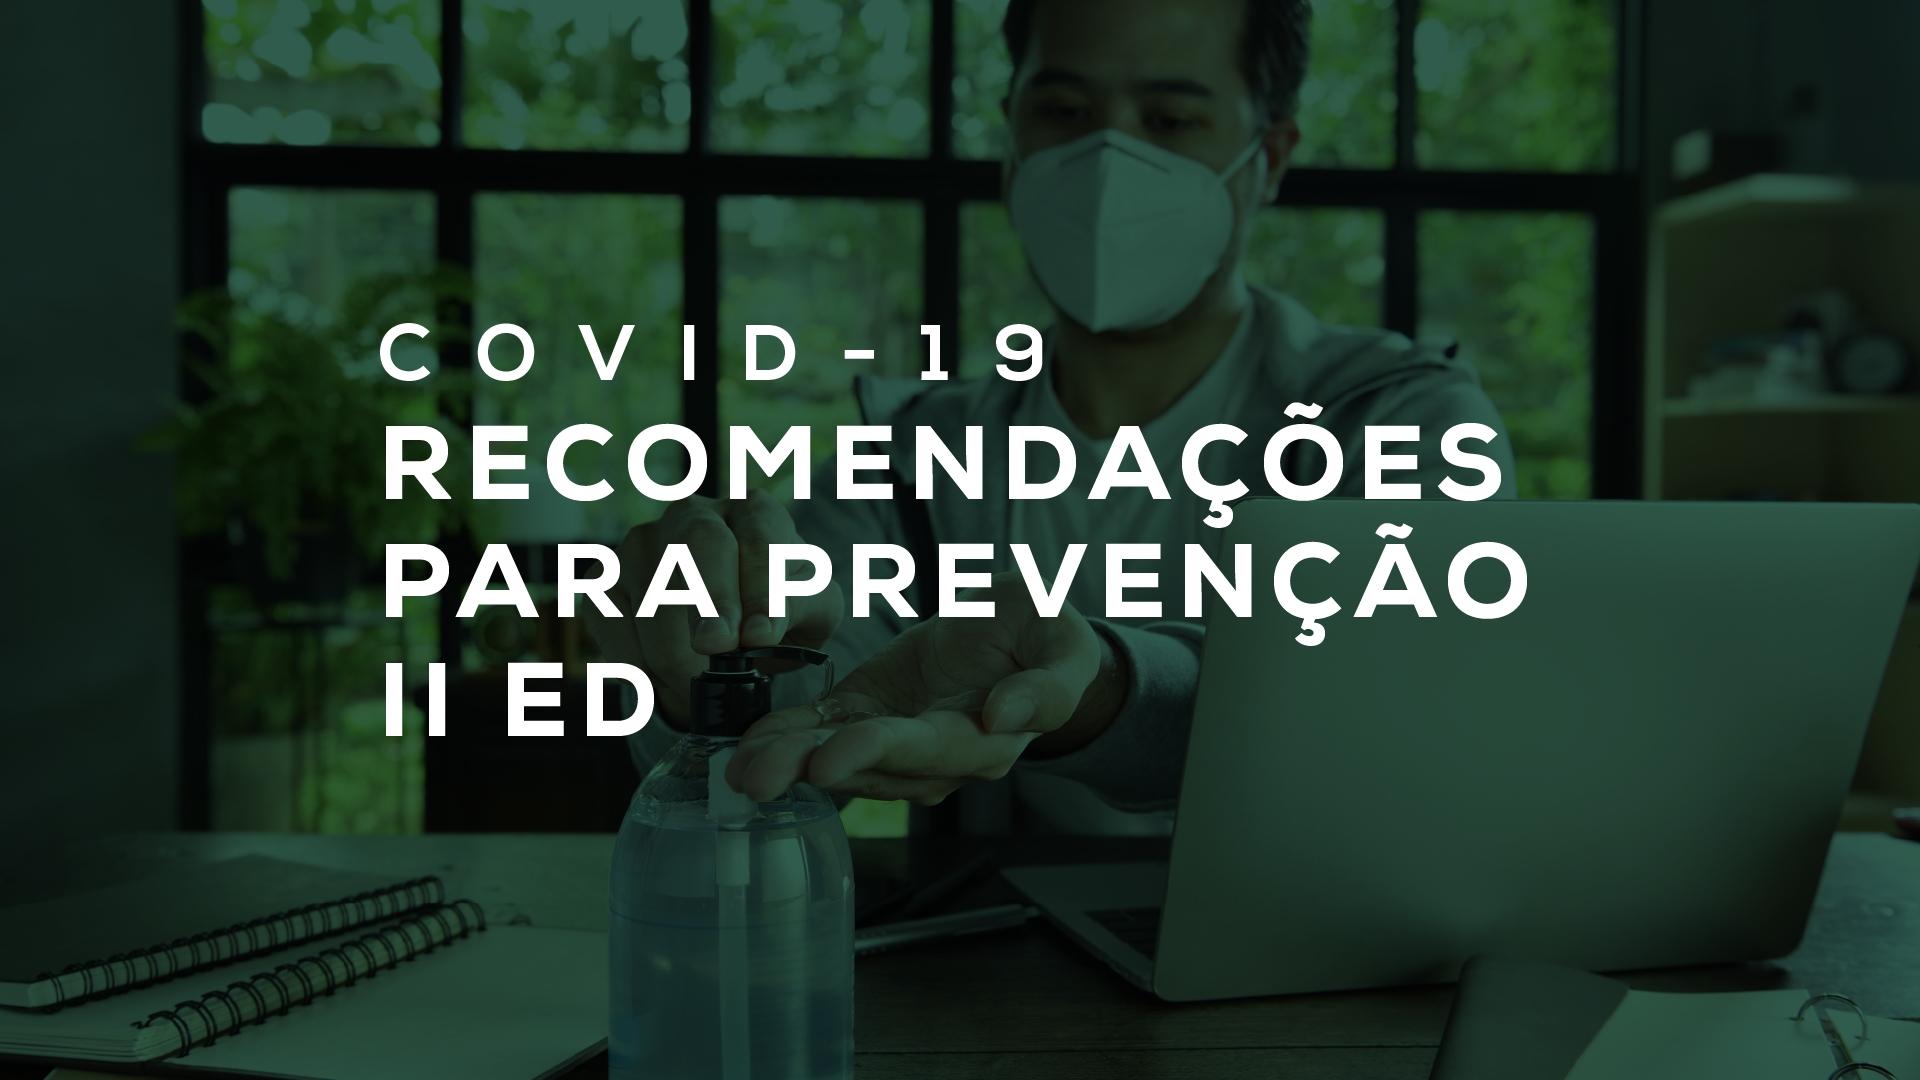 acervo_covid 01. Recomendacoes para prevenção Covid 19 ed2